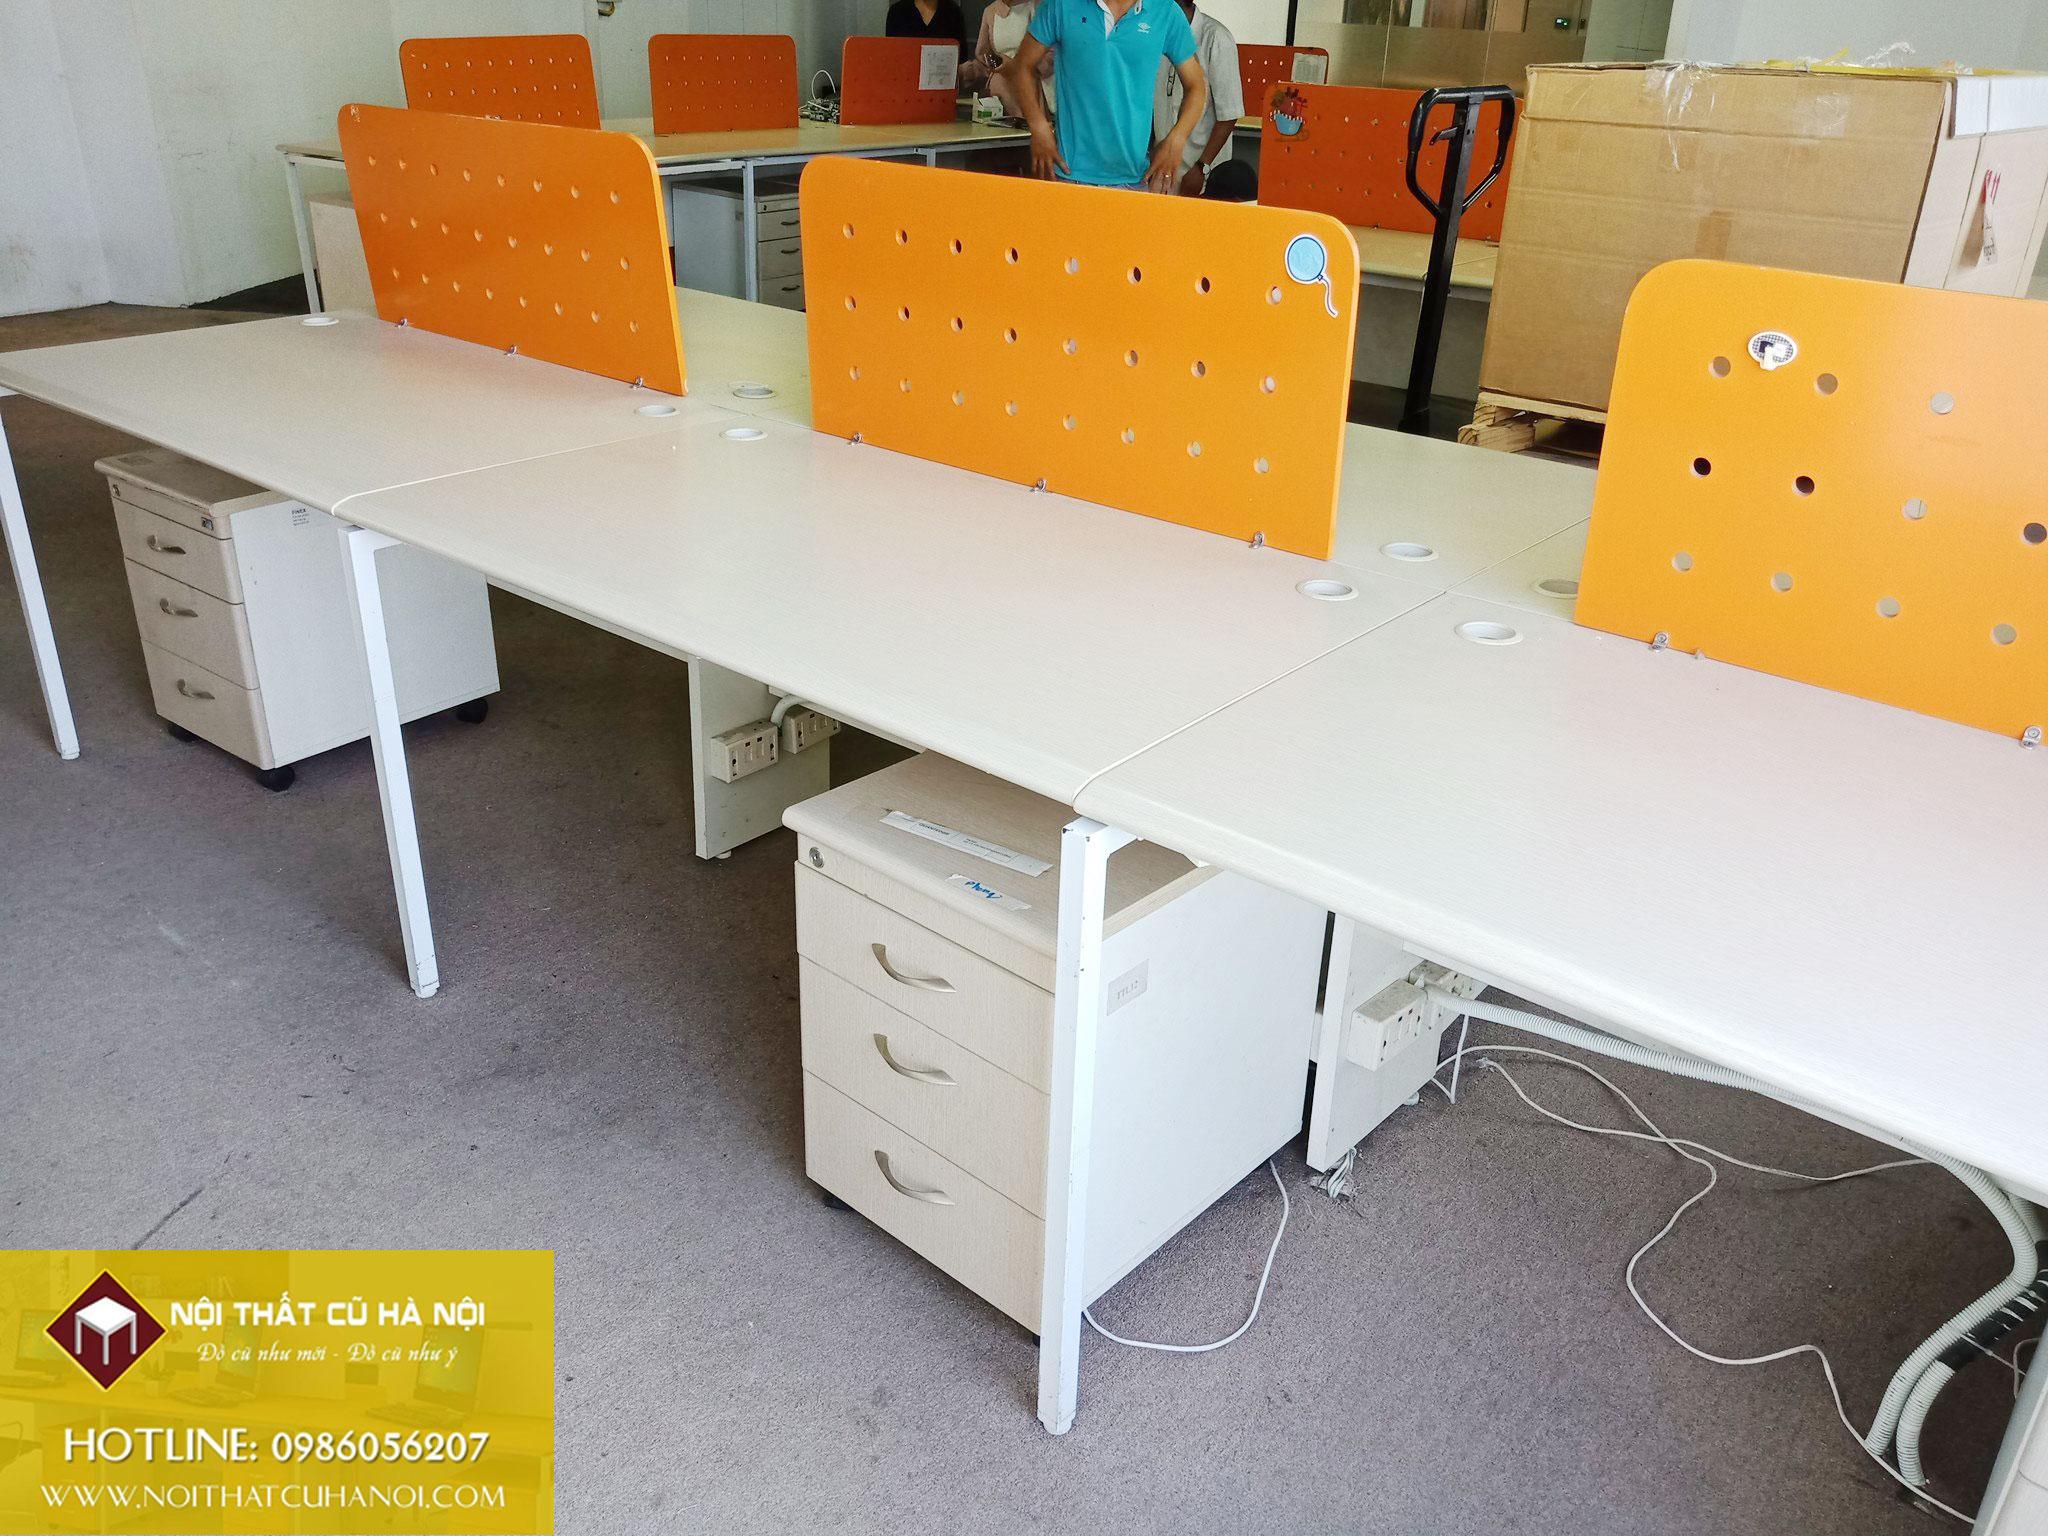 Thanh lý bàn ghế văn phòng Tại Mỹ Đức – Hà Nội Giá Cực Ưu Đãi.